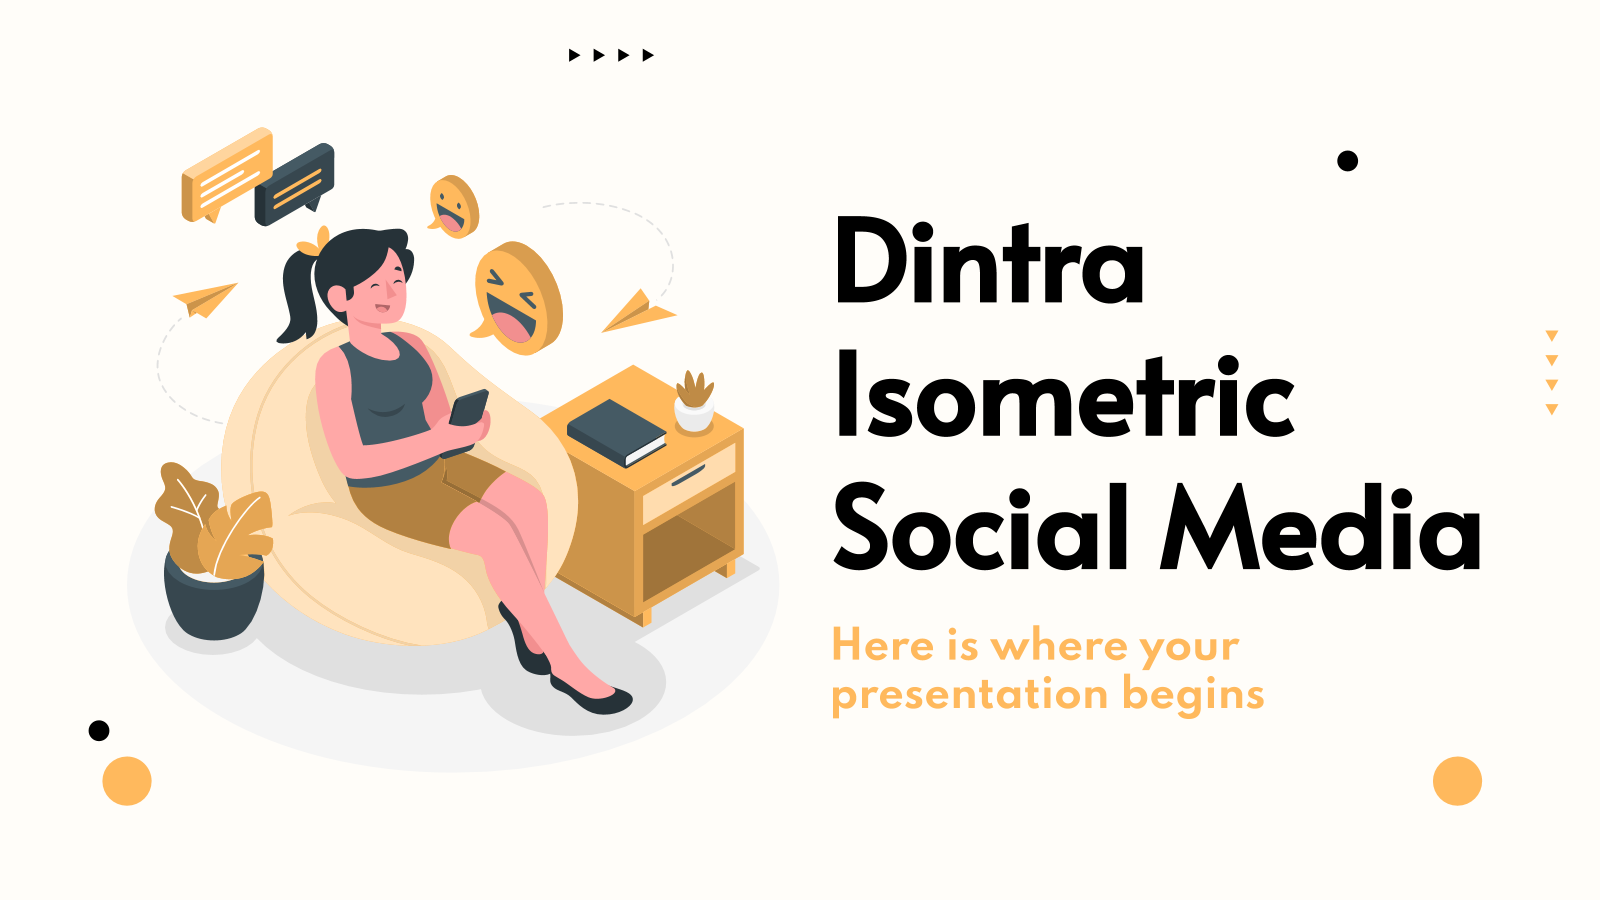 Plantilla de presentación Diapositivas isométricas Dintra para redes